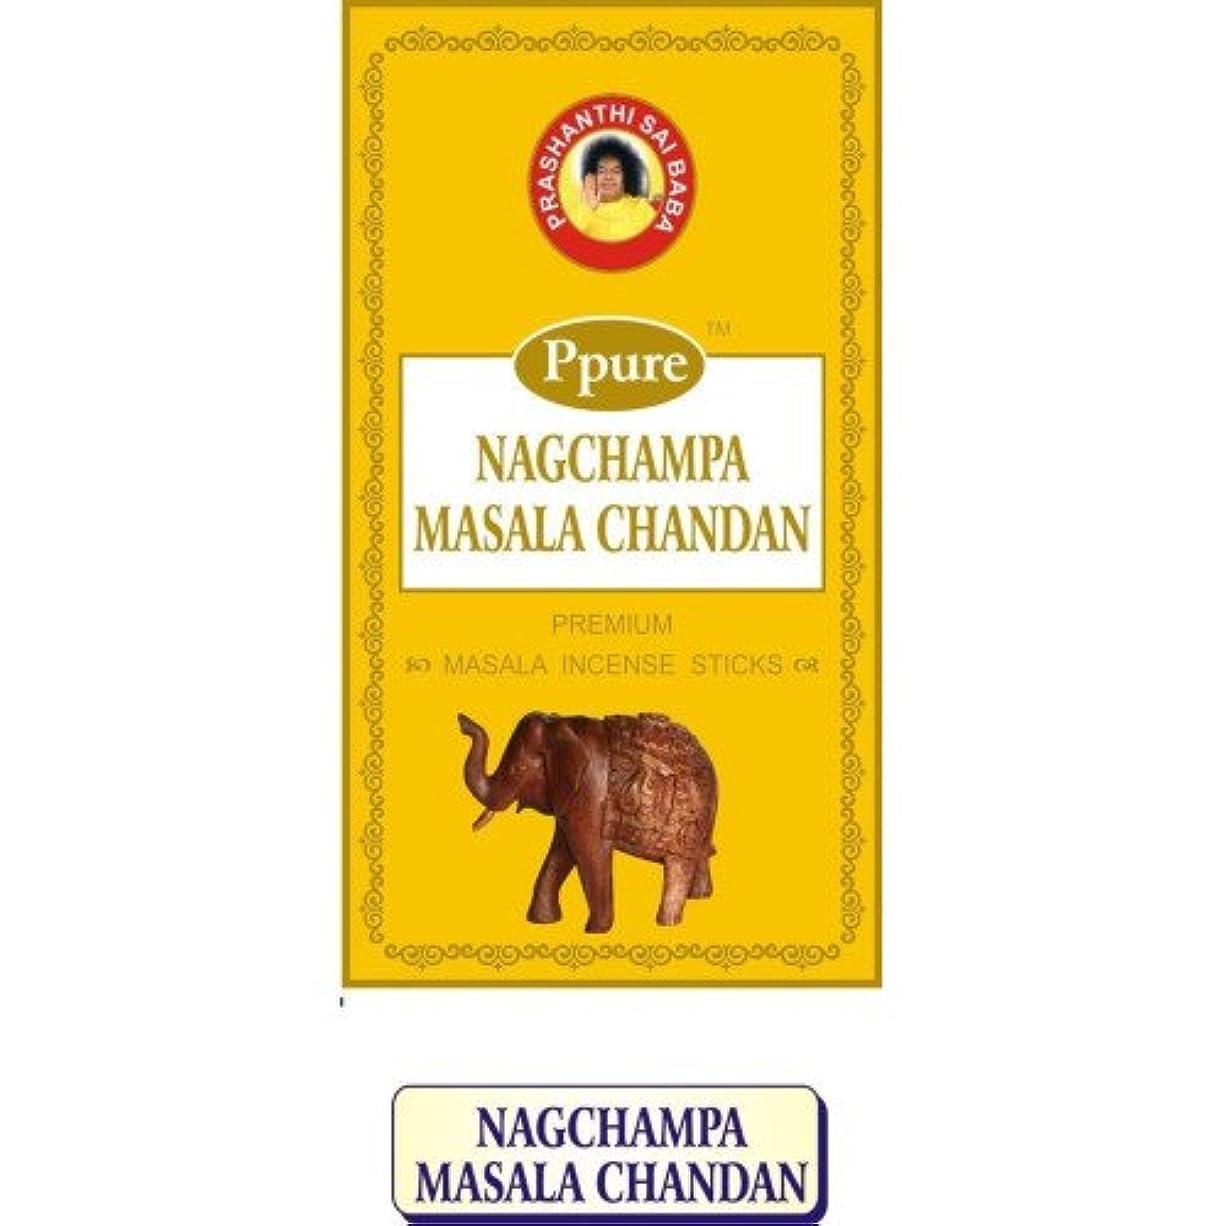 副詞スクリュー回答Ppure Nag Champa Masala Chandan PerfumeプレミアムMasala Incense Sticks 15グラム